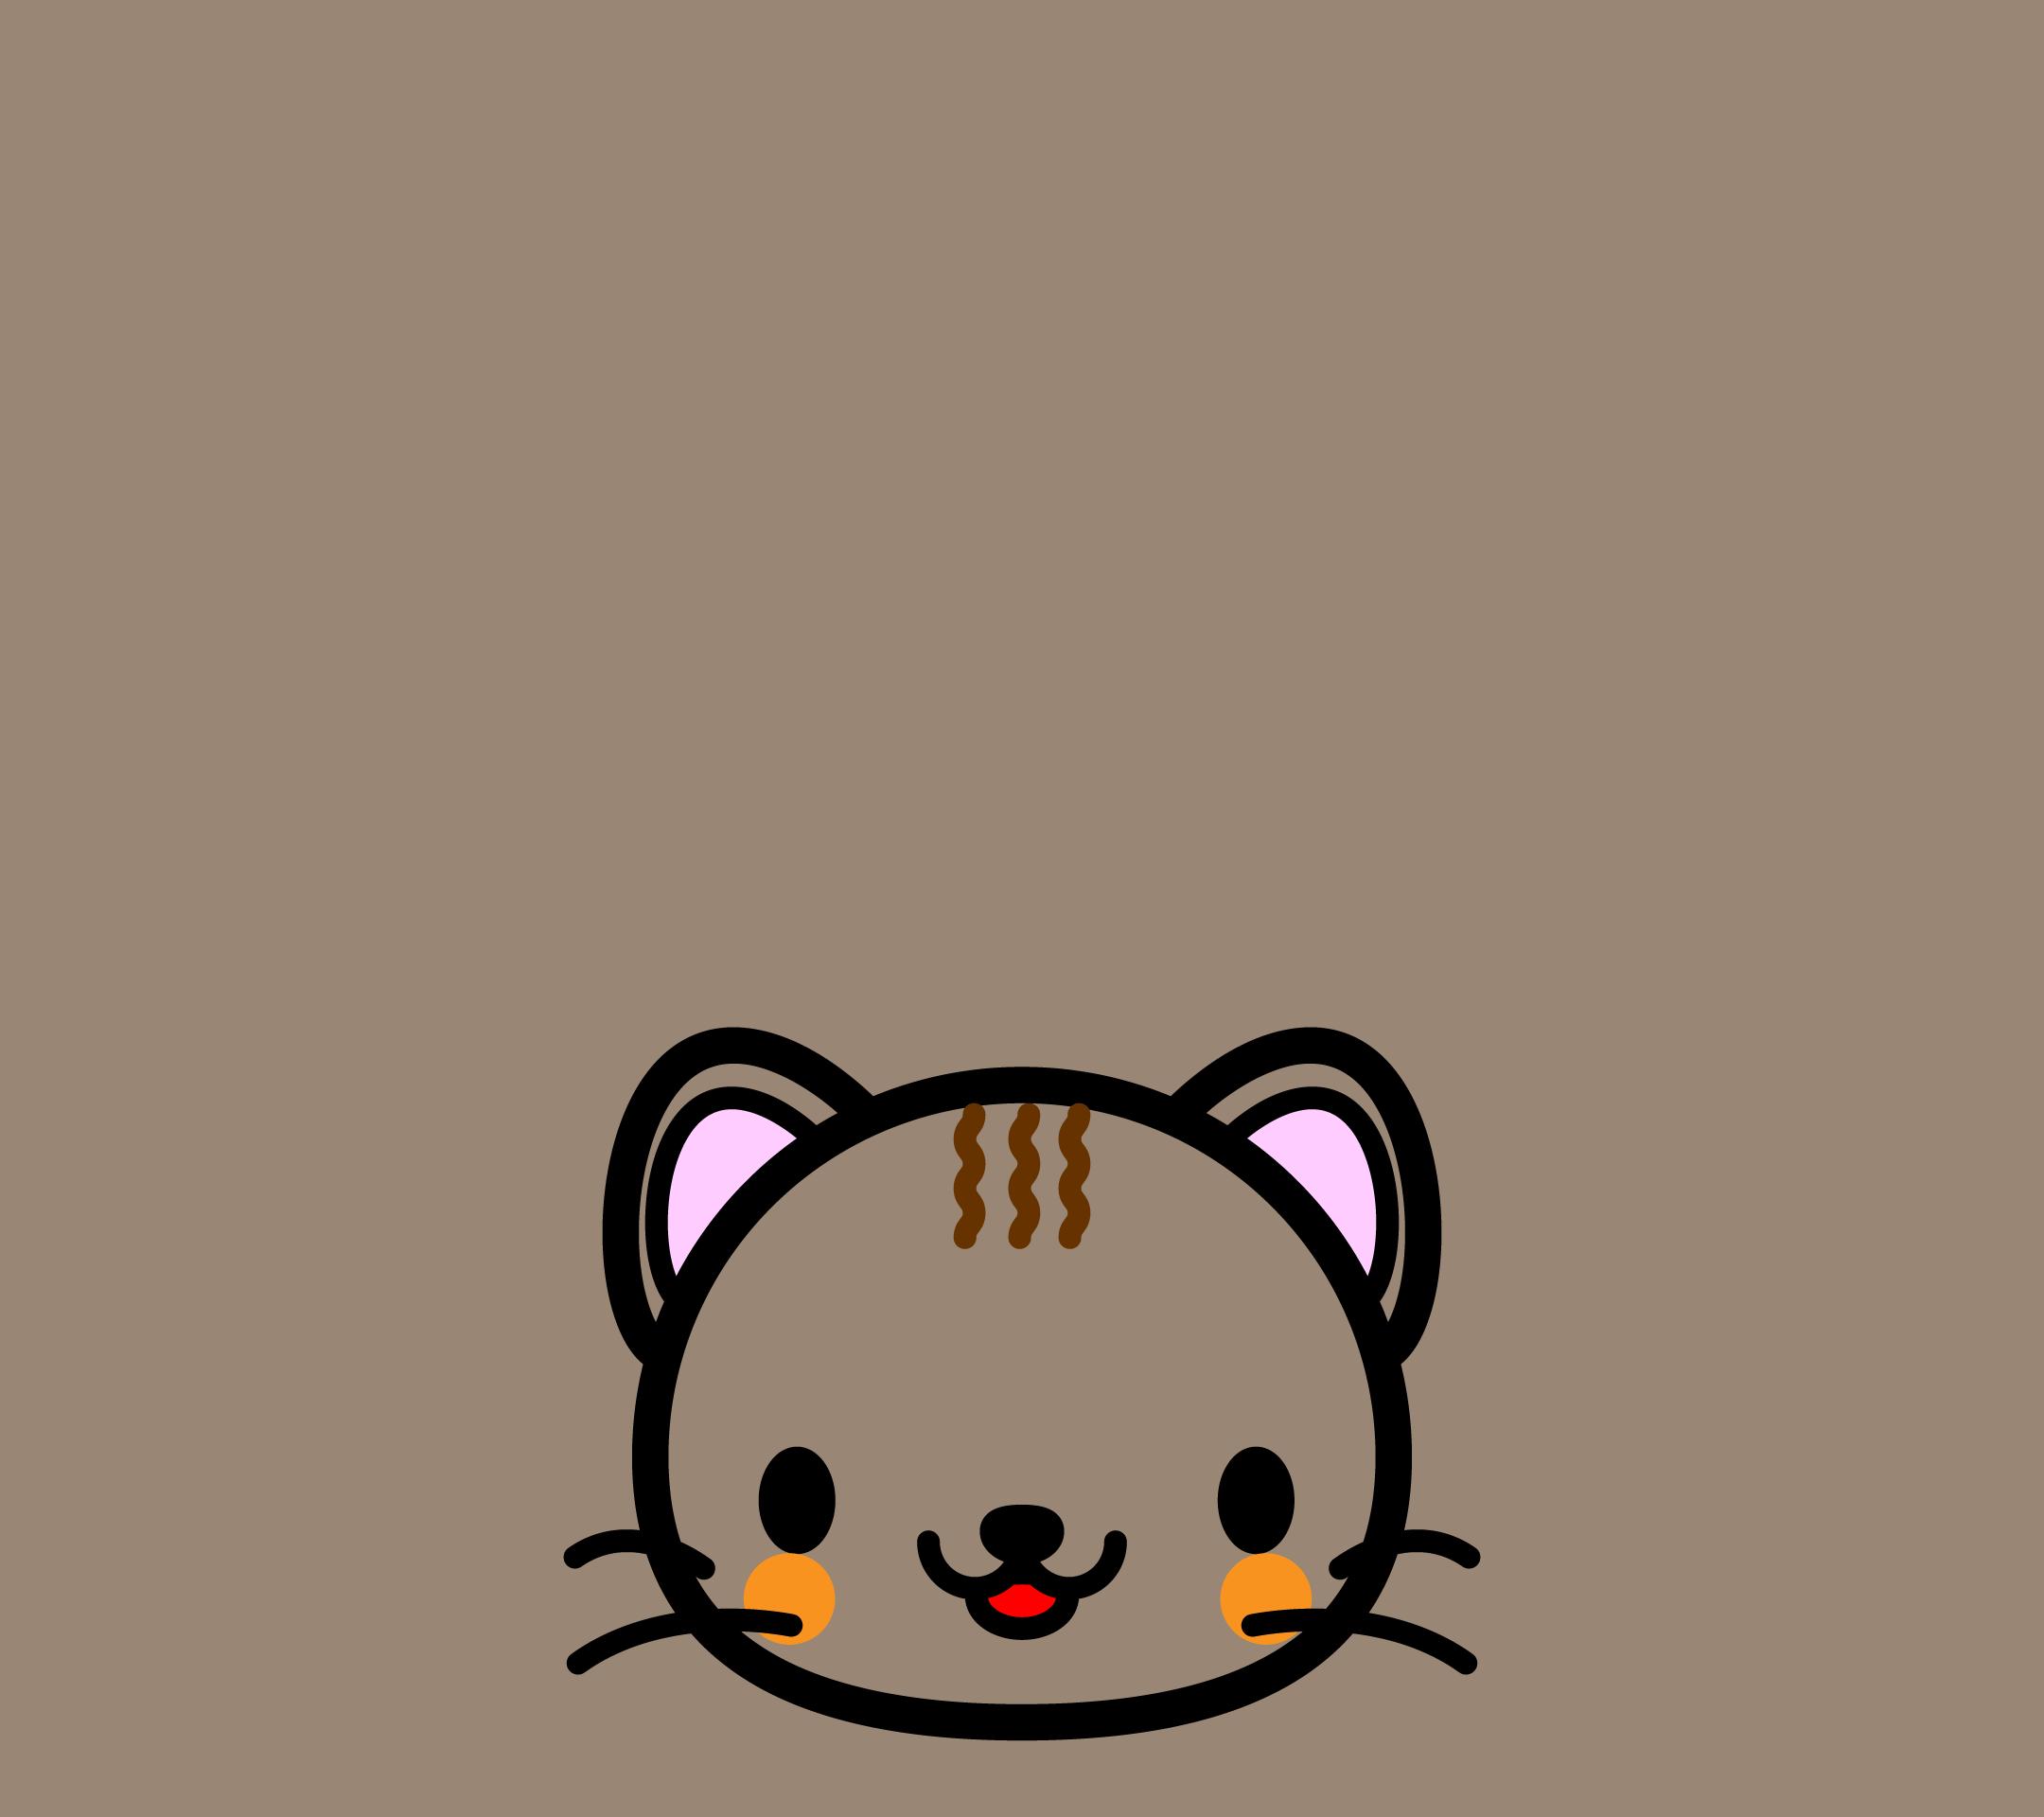 かわいい顔だけ猫壁紙(Android)の無料イラスト・商用フリー